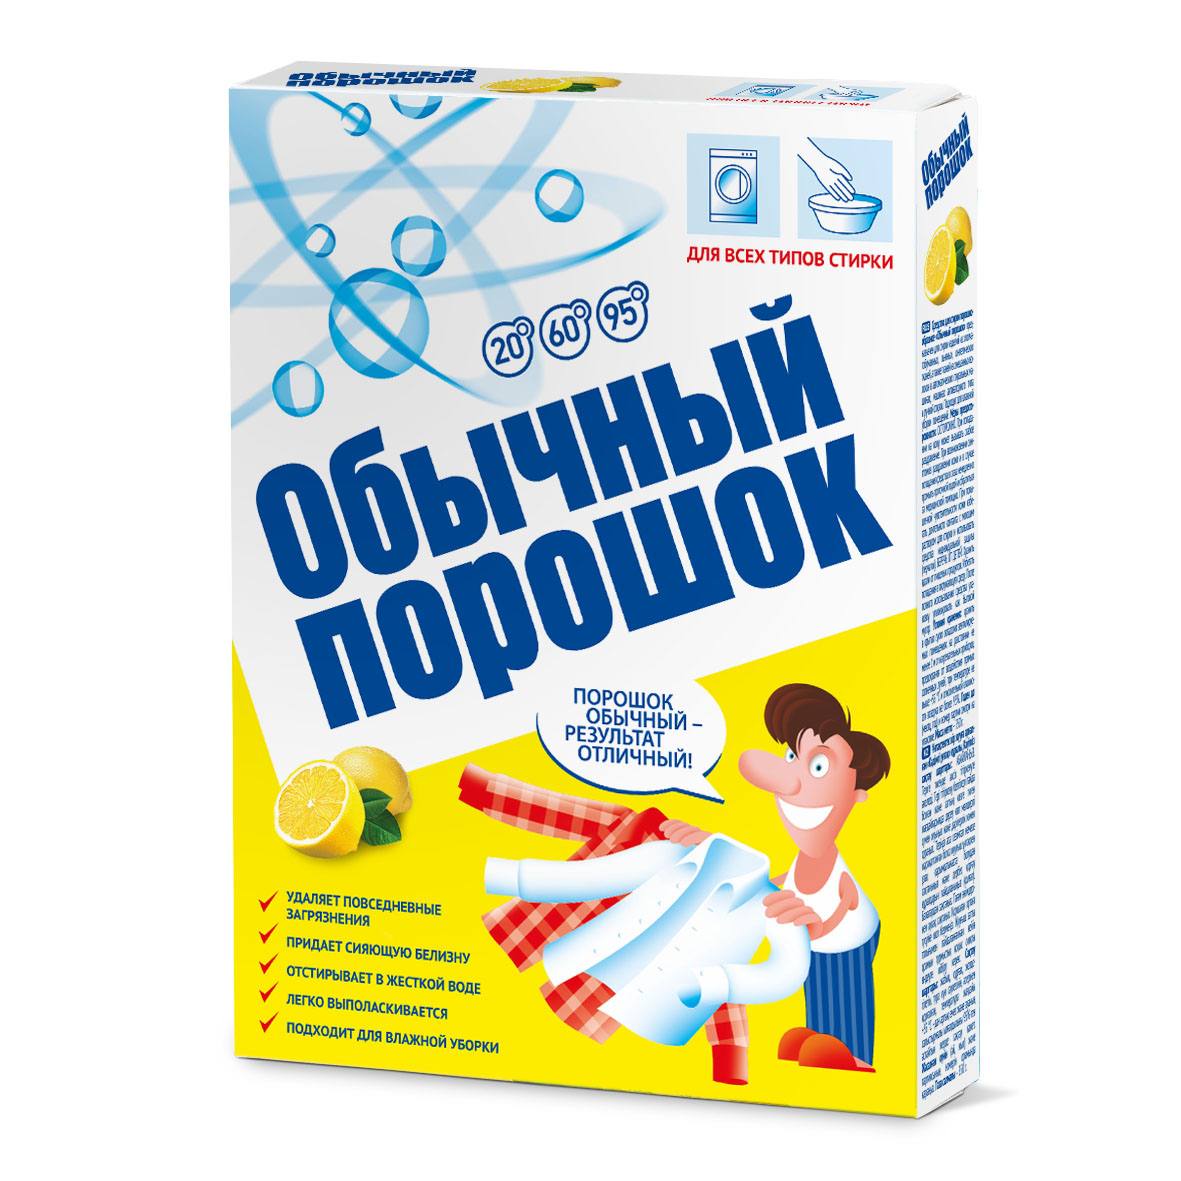 """Порошок стиральный Невская косметика """"Обычный"""", для всех типов стирки, 350 г"""